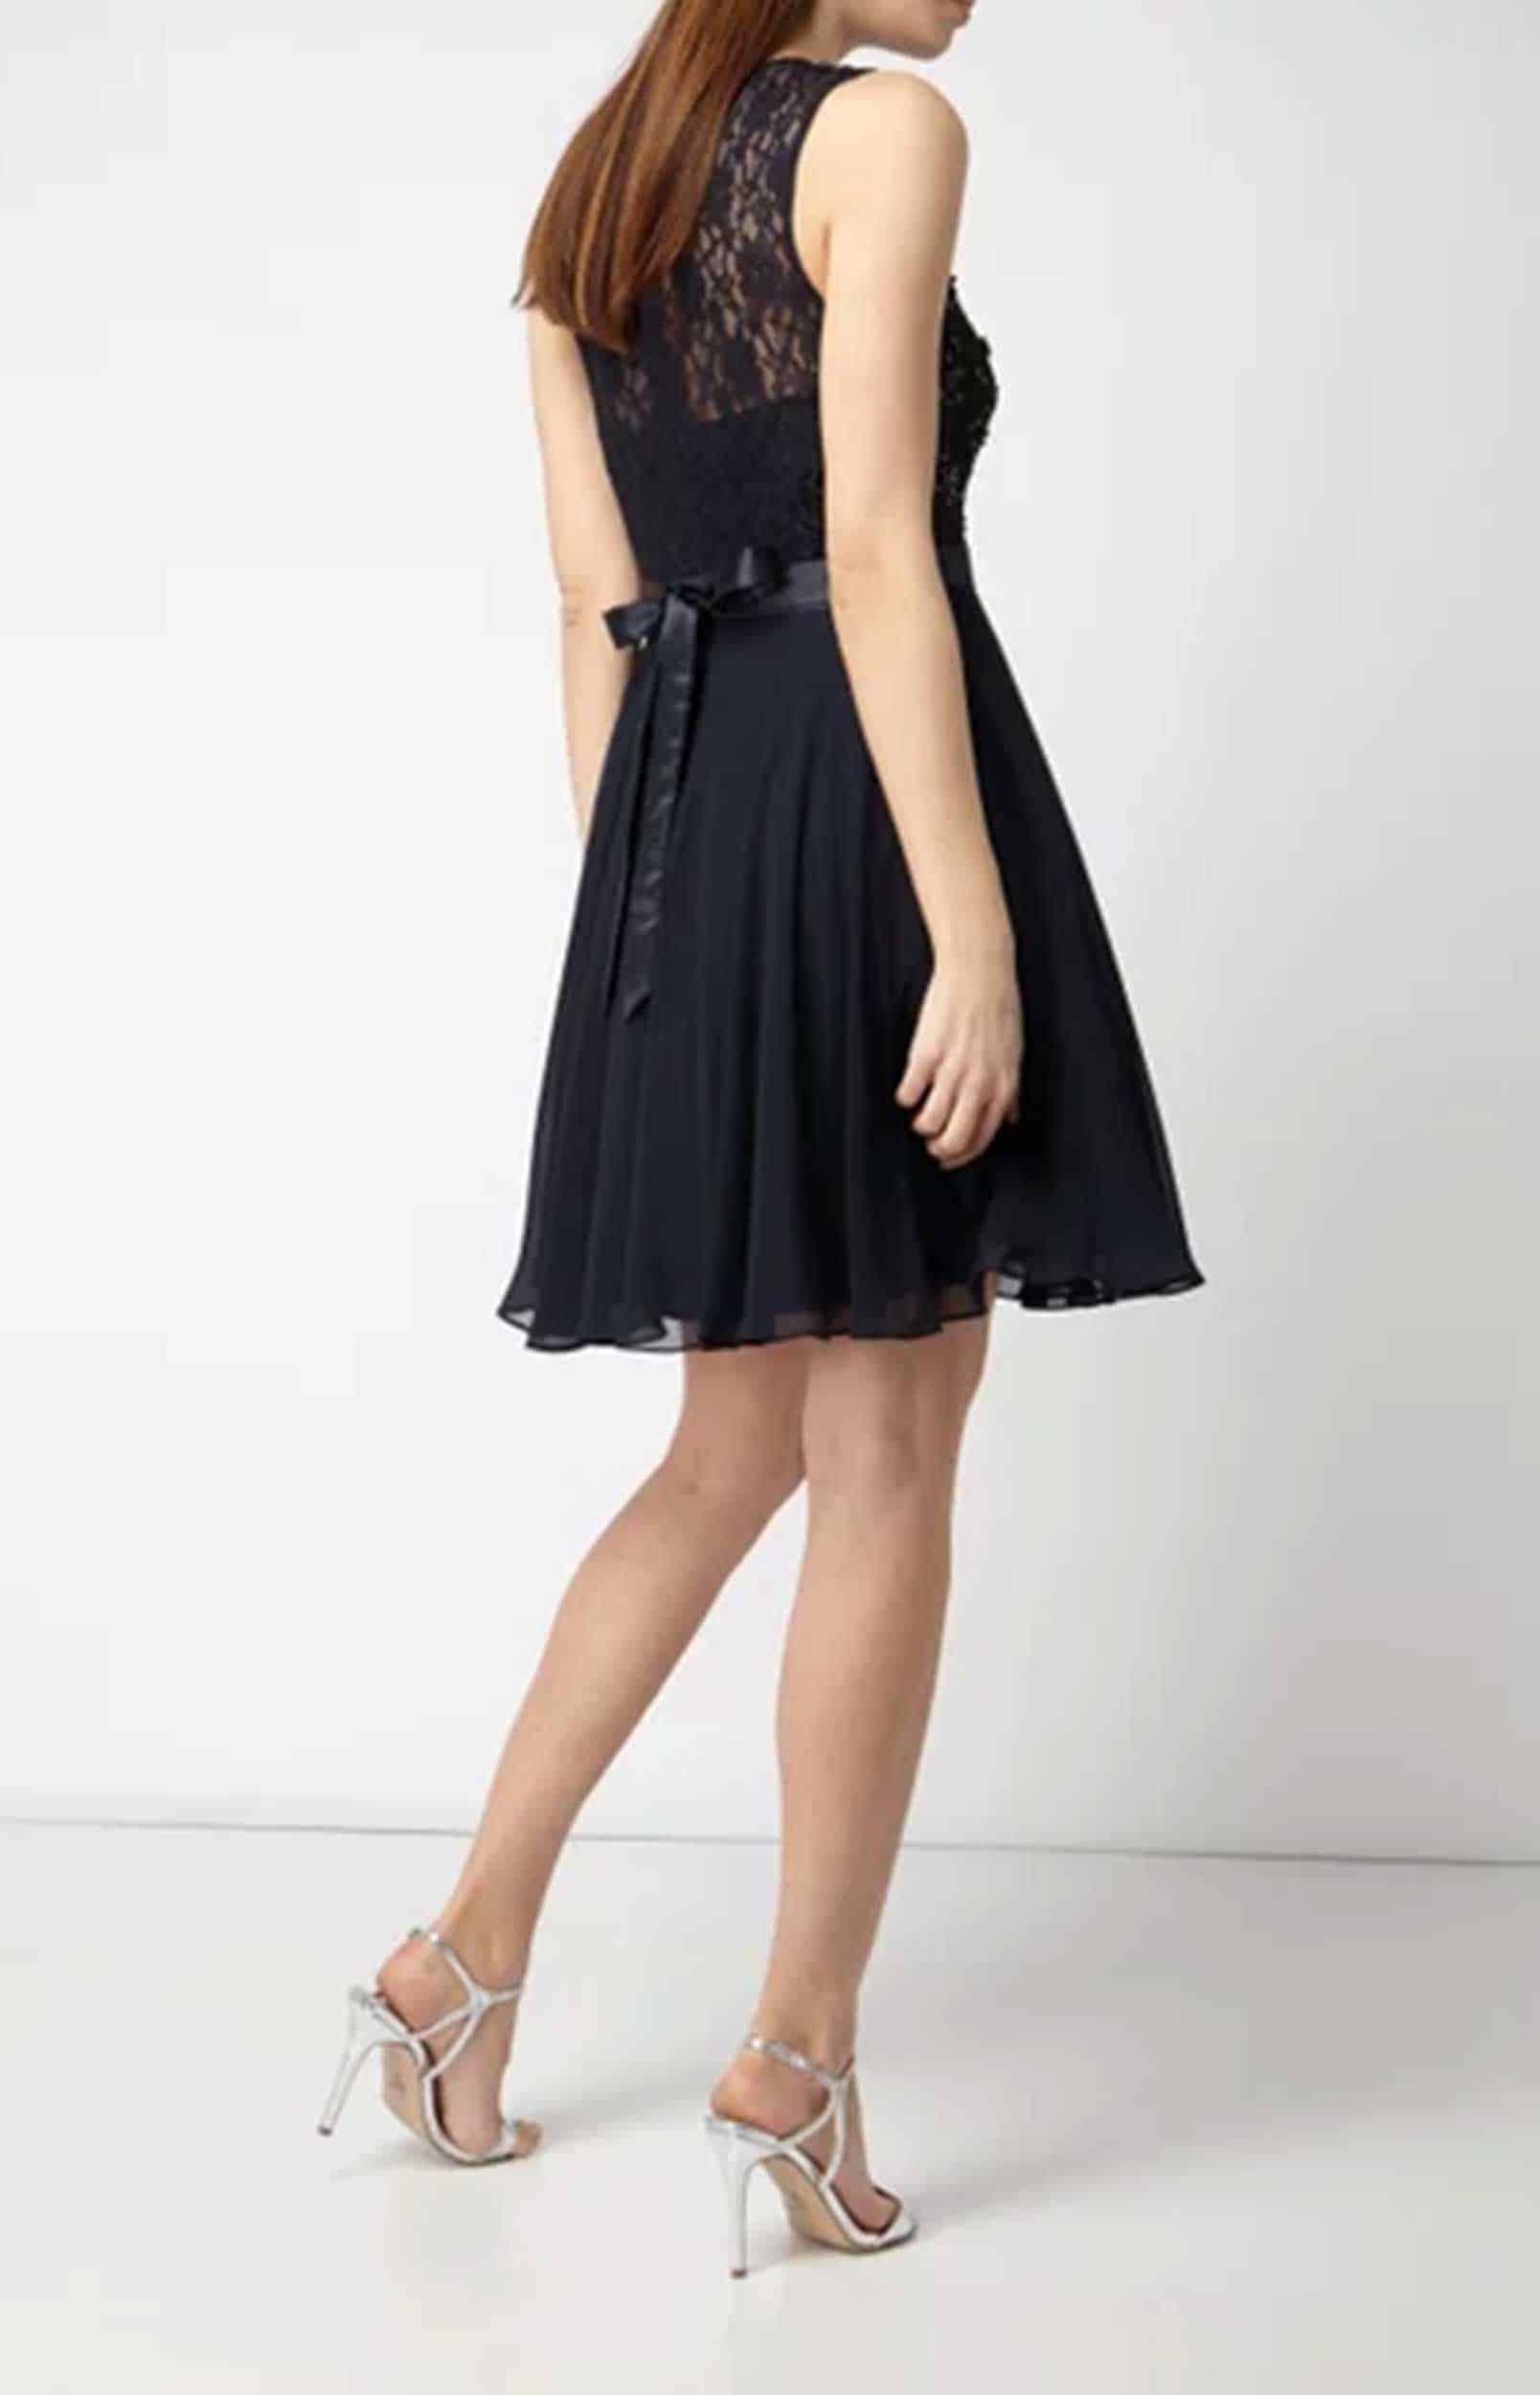 Iznajmljivanje haljina Nis - Jake`s - Rent A Dress Nis